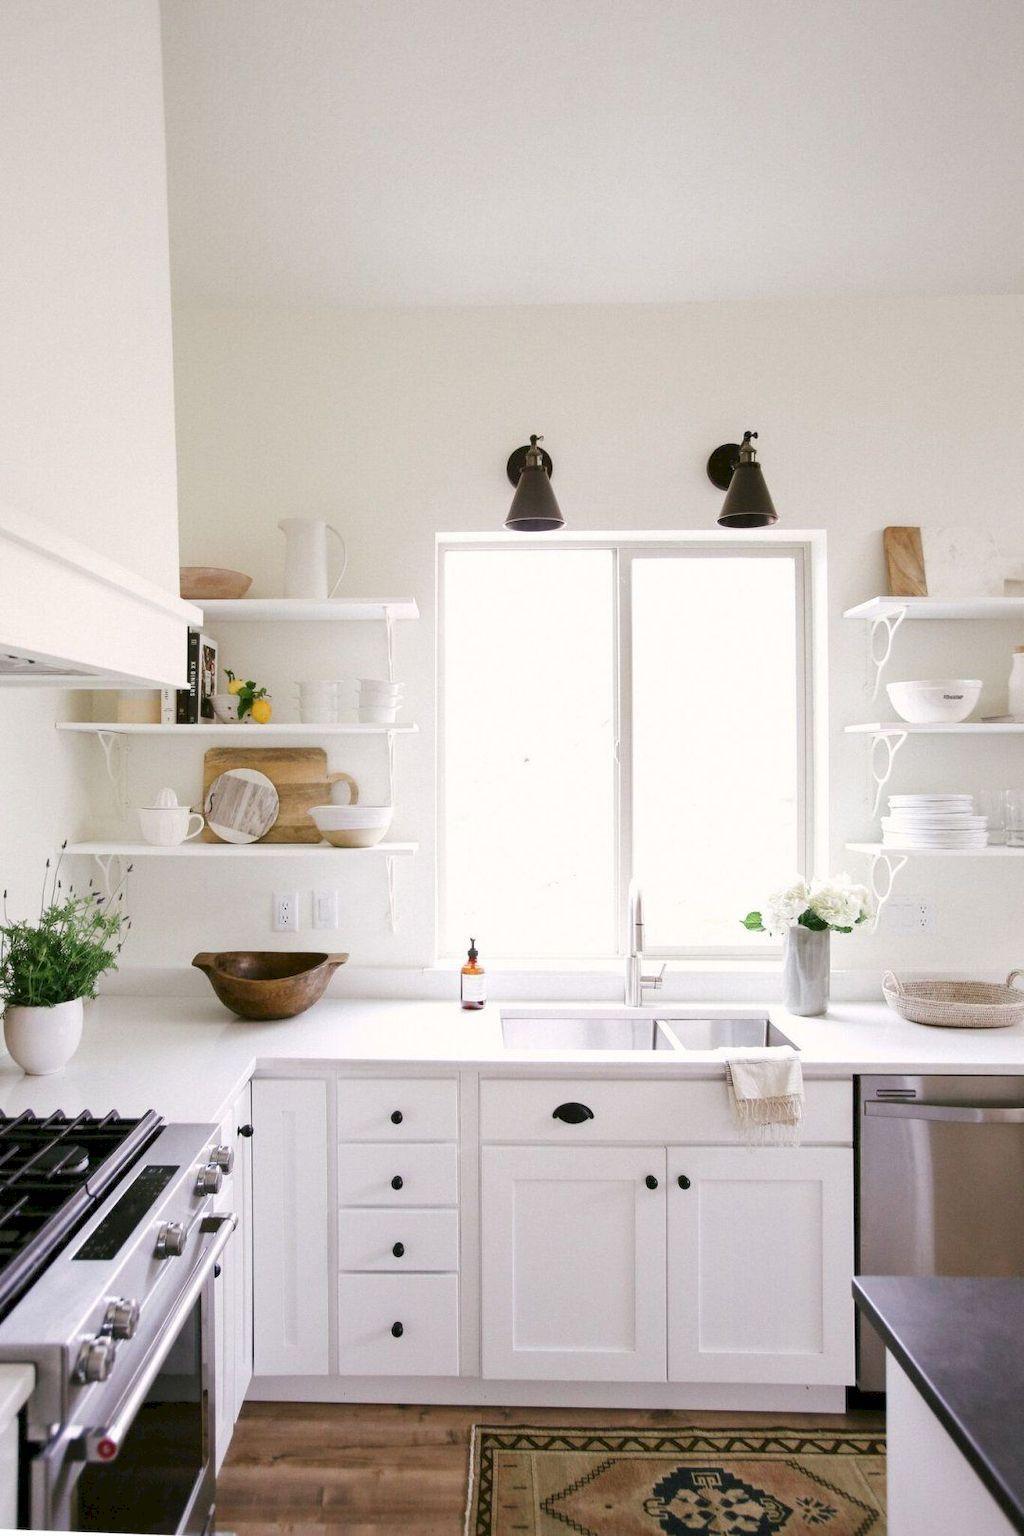 stunning minimalist kitchen decoration ideas minimalist kitchen on kitchen ideas minimalist id=15951